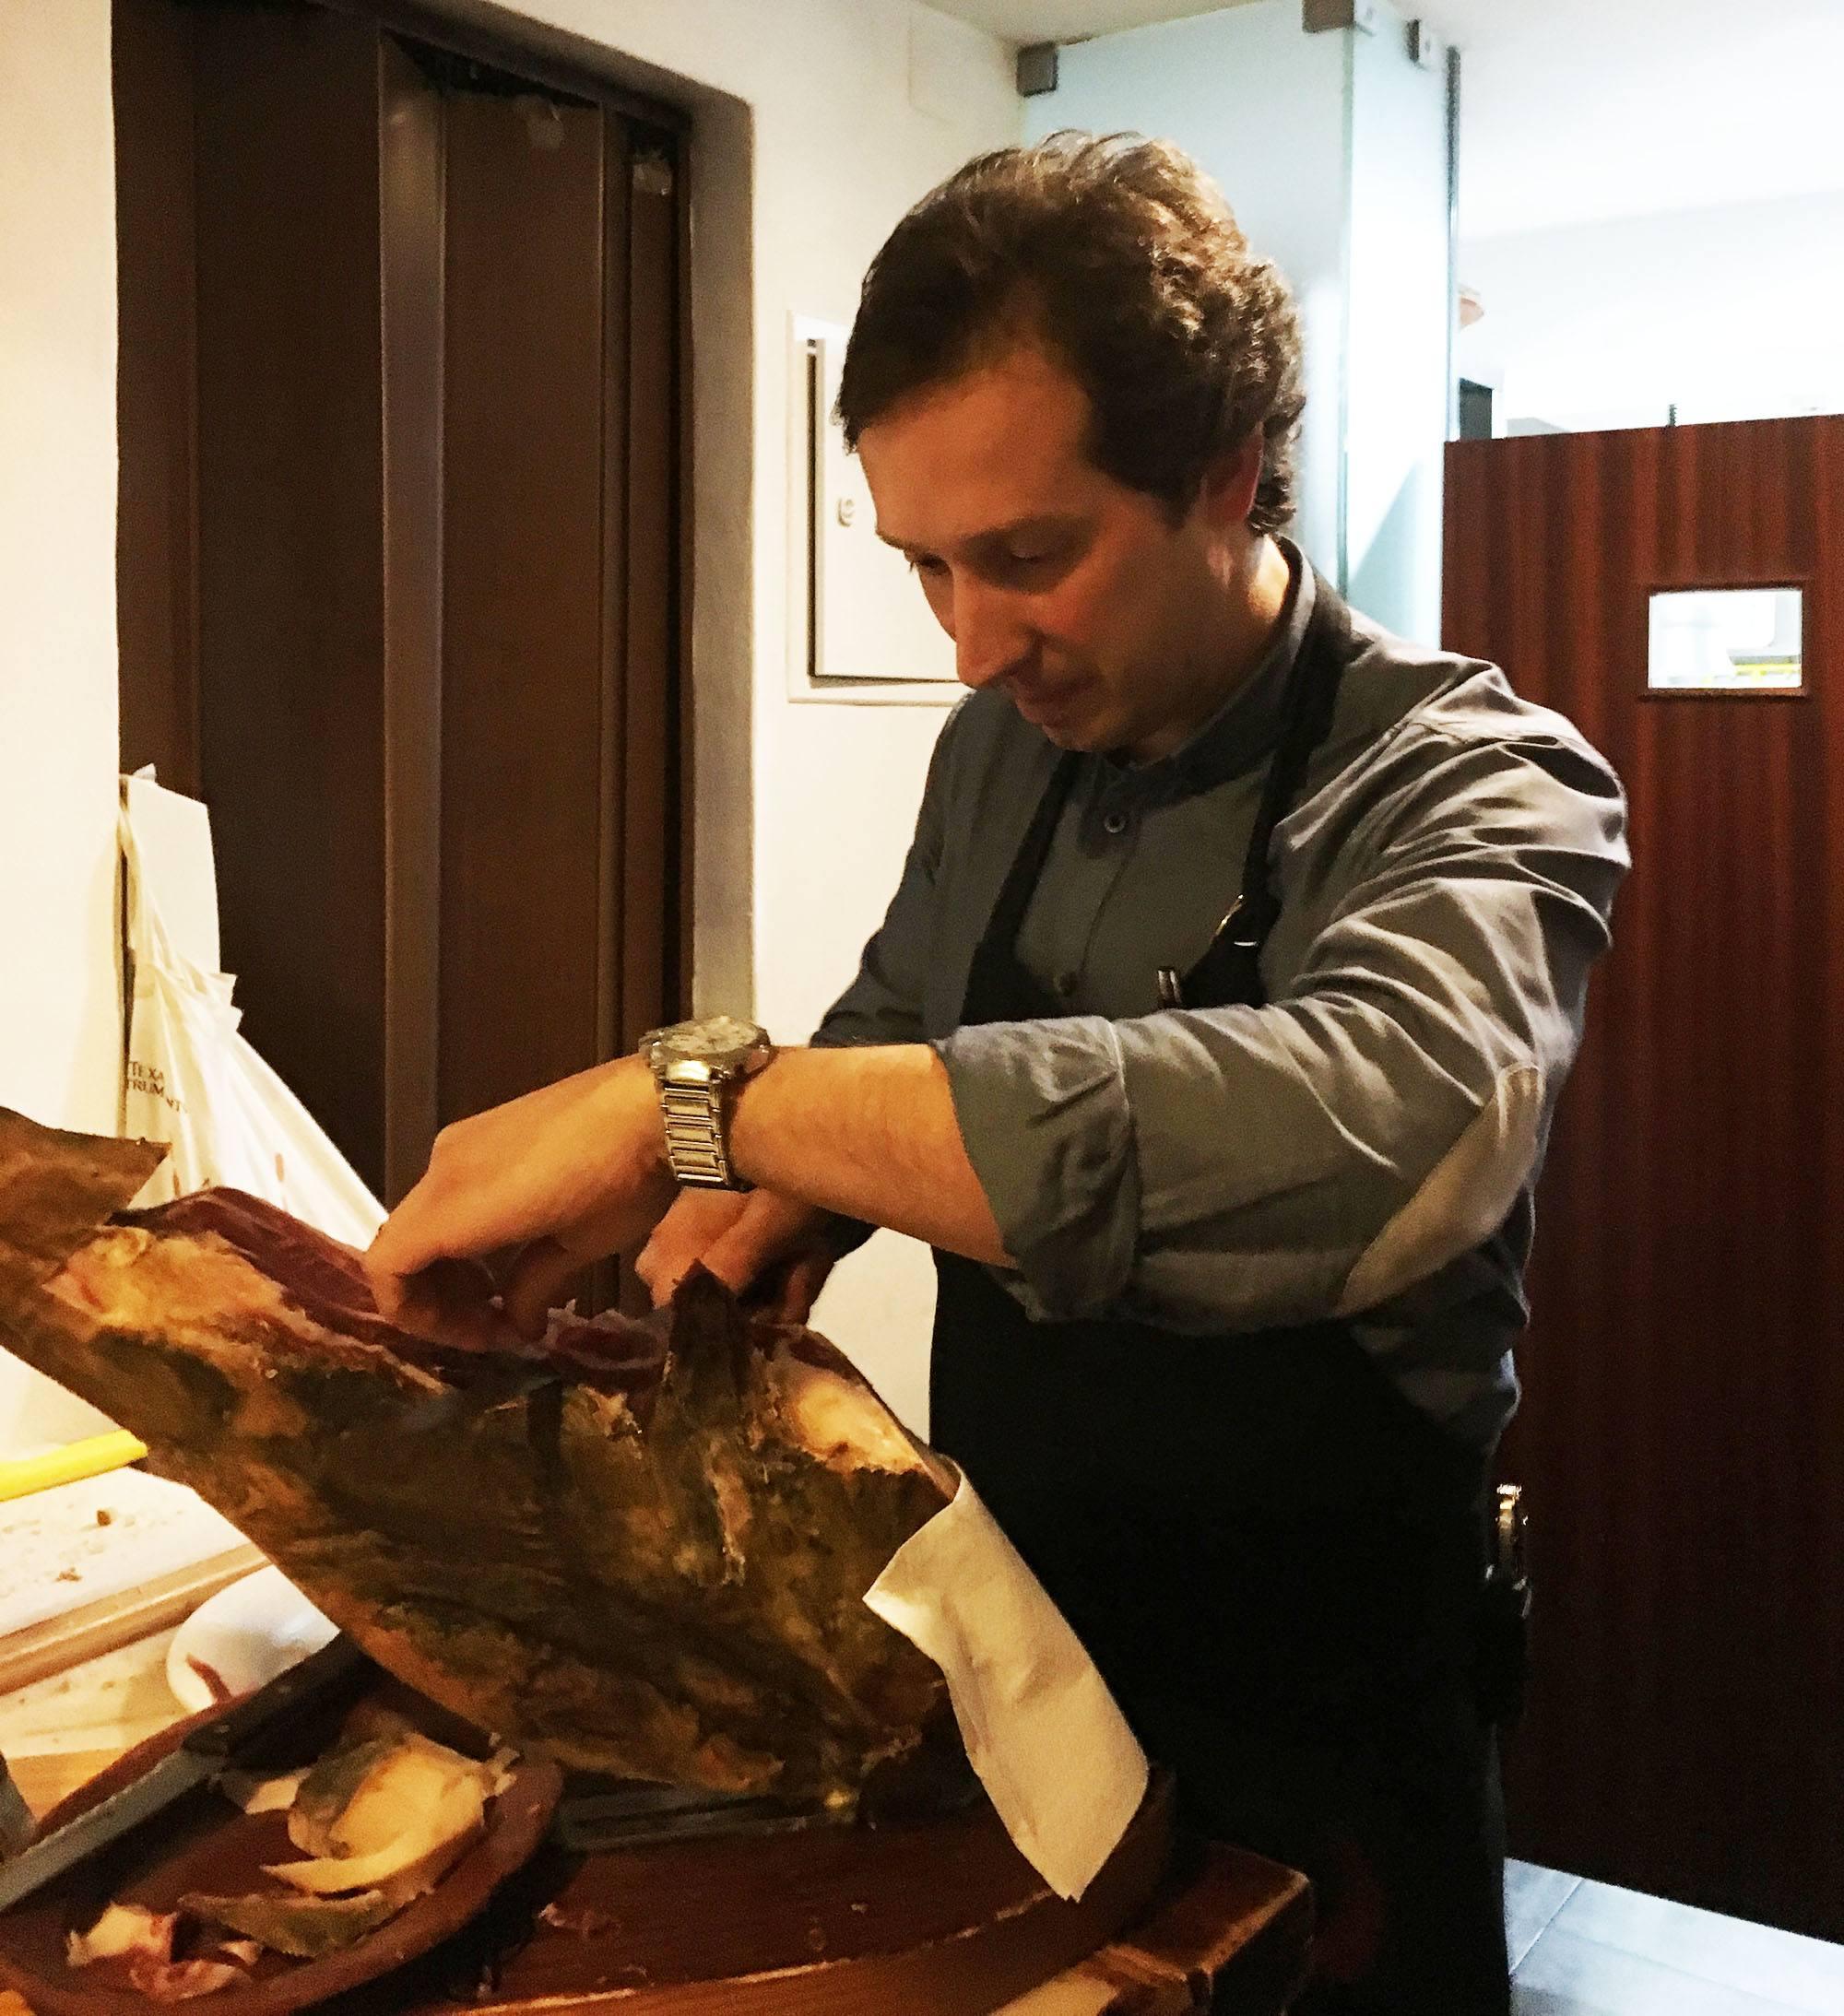 Delicious presunto (smoked ham) being sliced at Solar Do Forcado. (Kevin Chong)